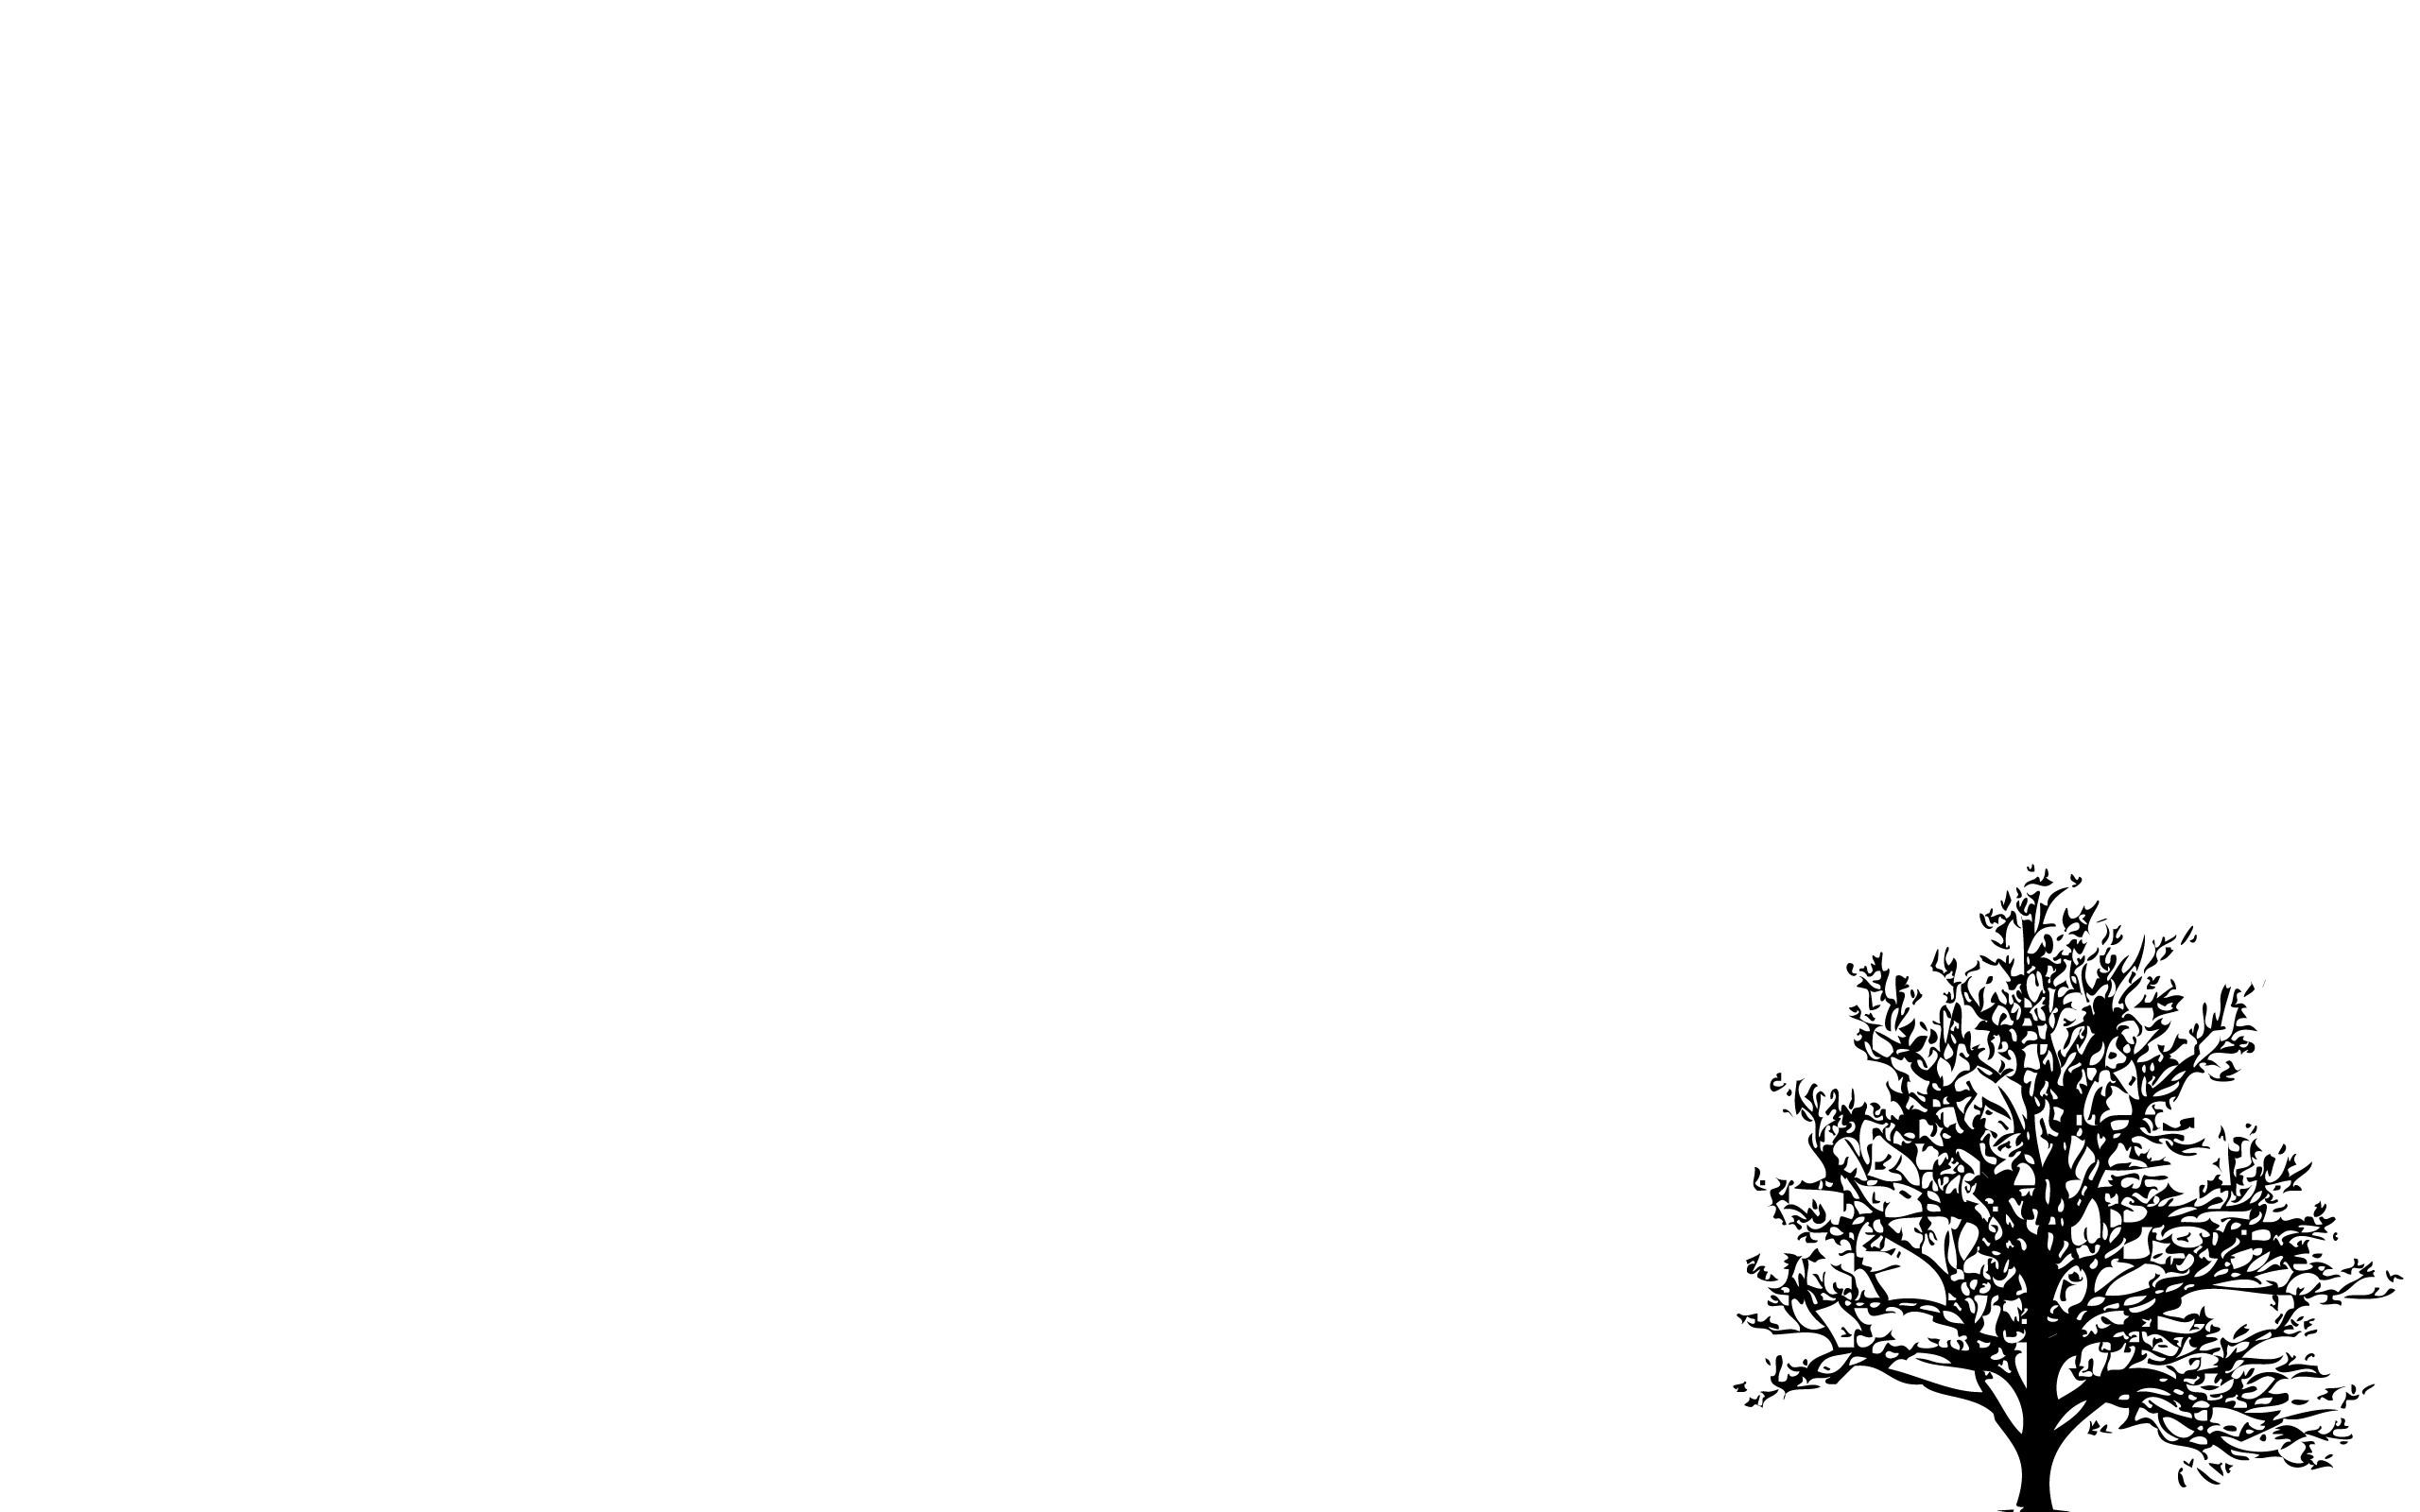 Hình nền trắng đẹp (14)